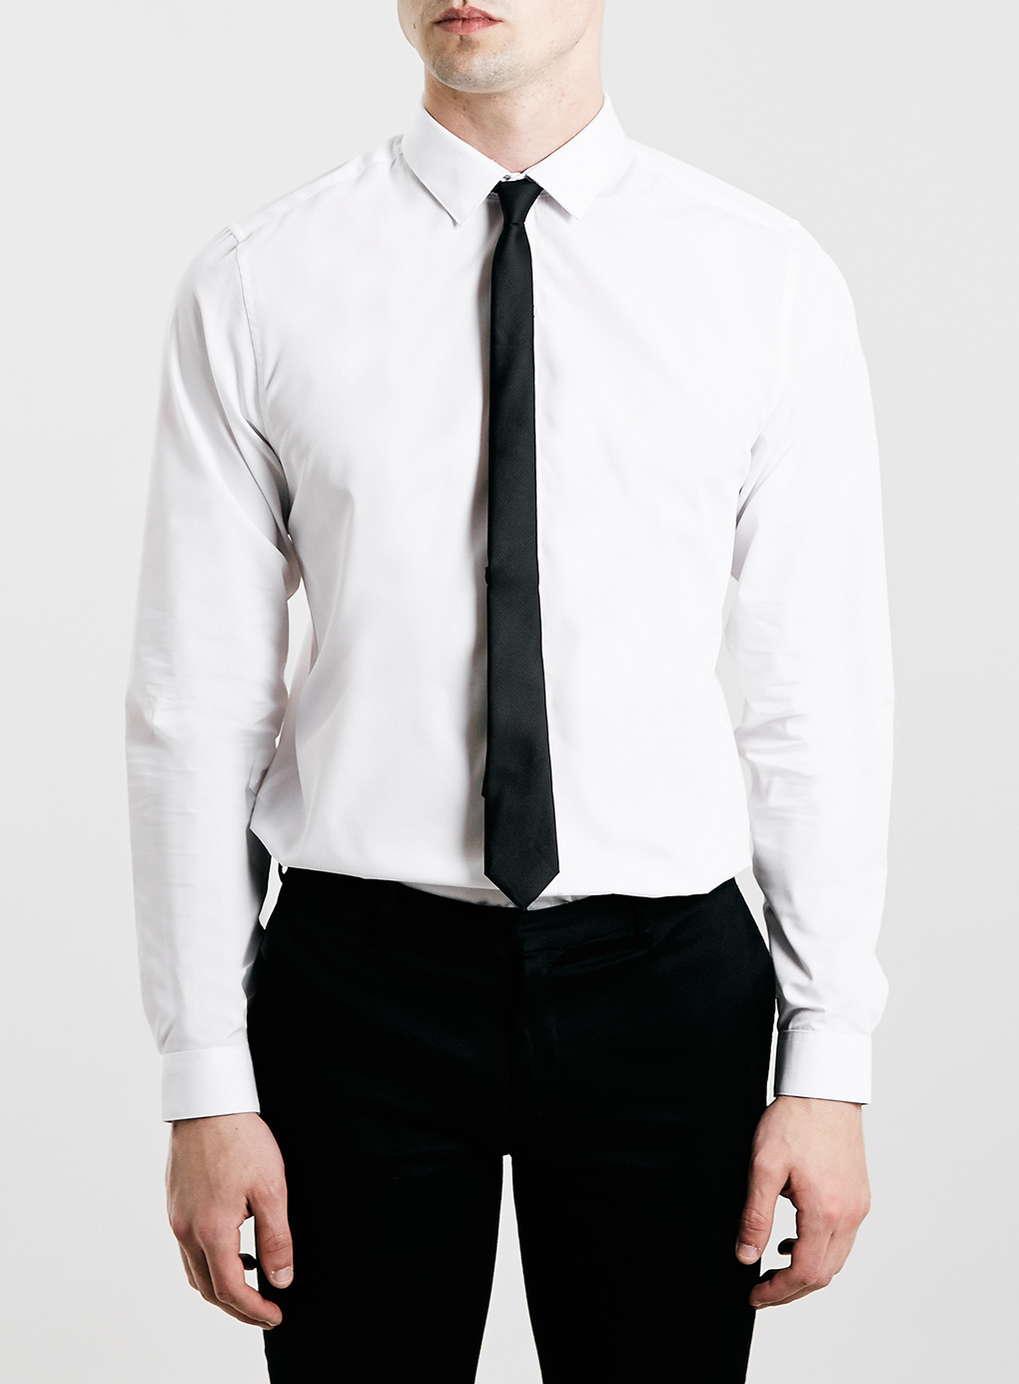 Topman White Shirt Black Tie Pack In White For Men Lyst